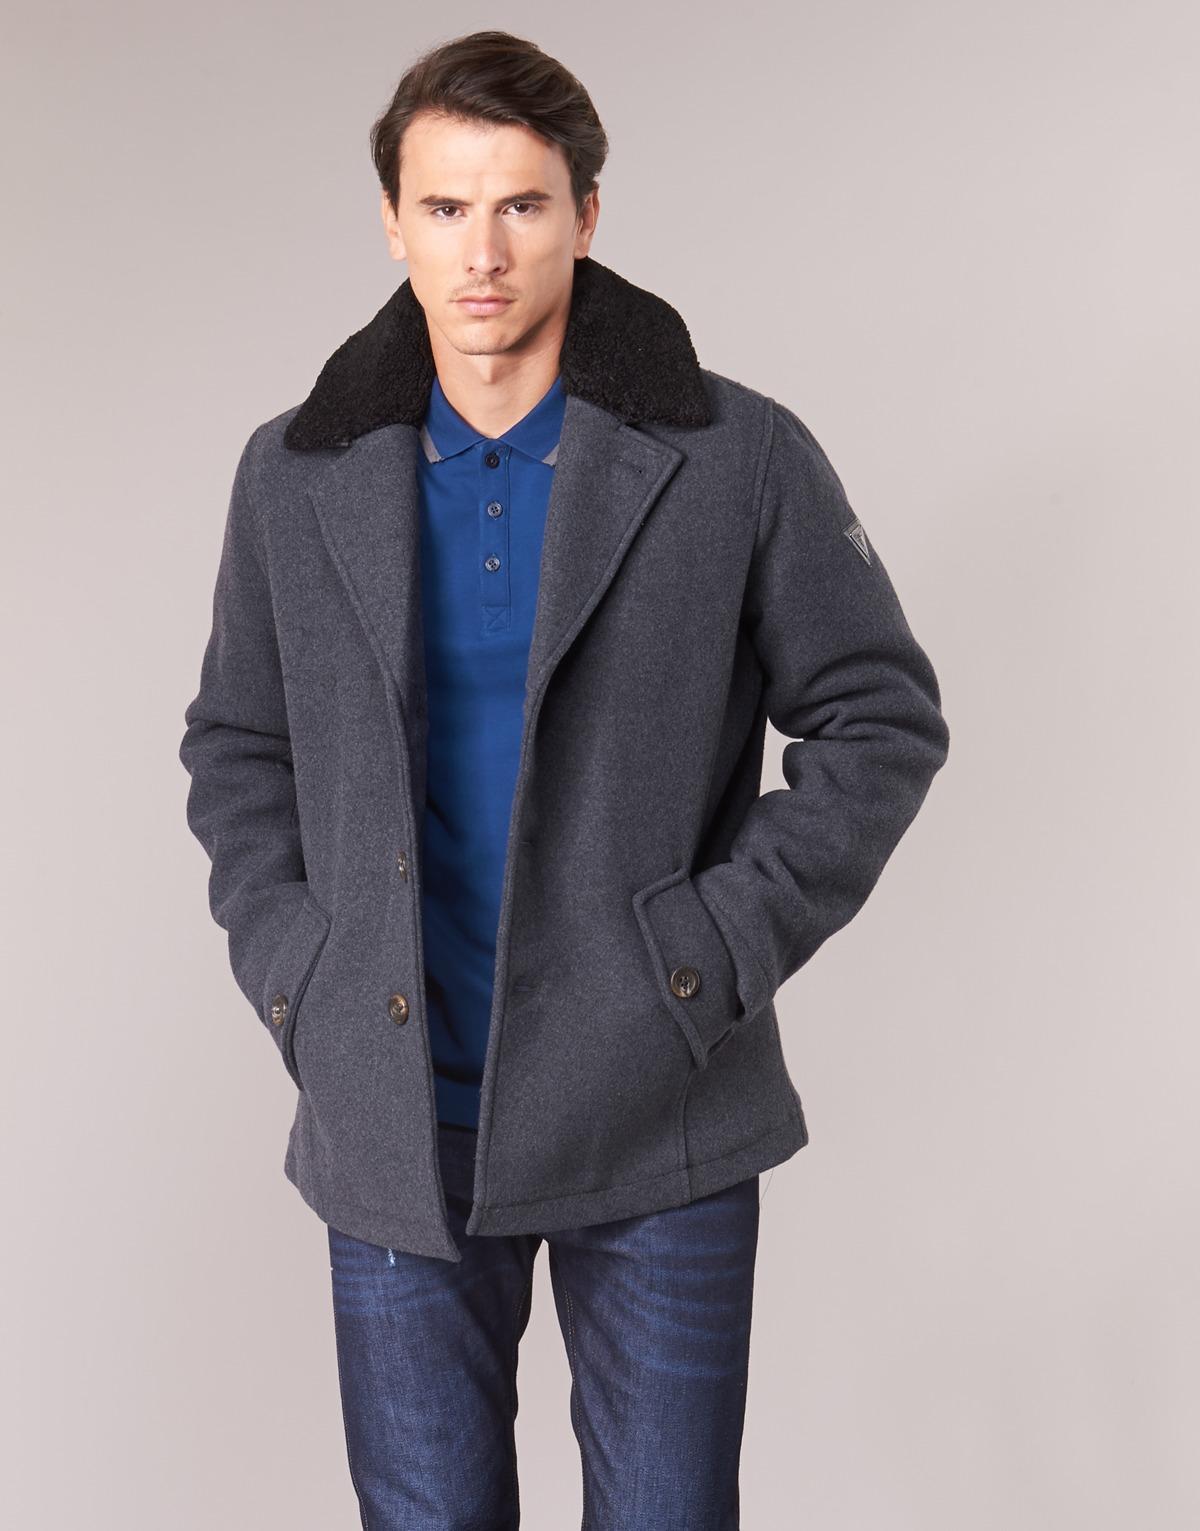 Manteau KOREANA Guess pour homme en coloris Gris 7EE4f